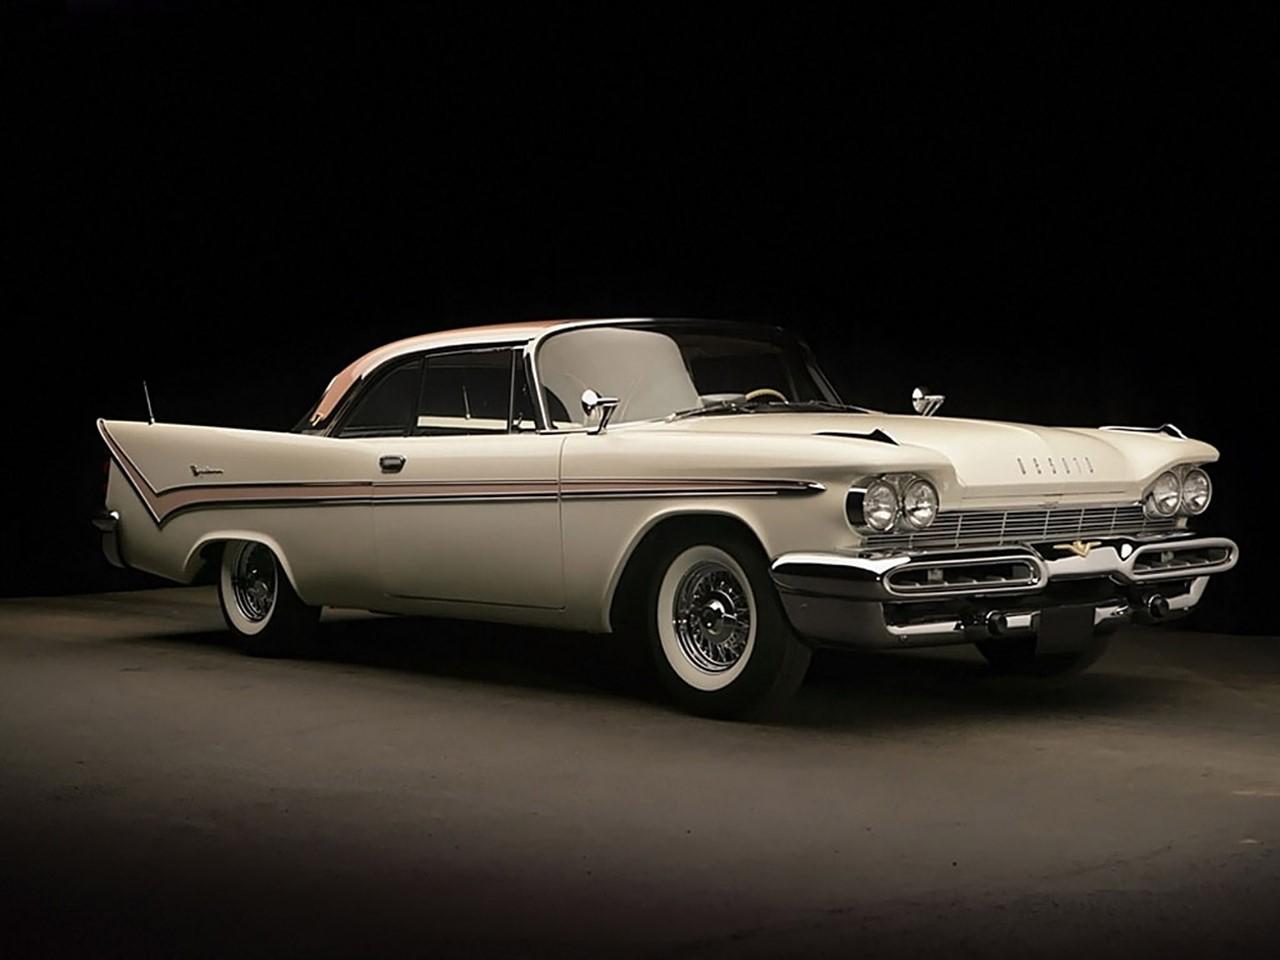 1959DeSotoFiresweep 2-door hardtop3